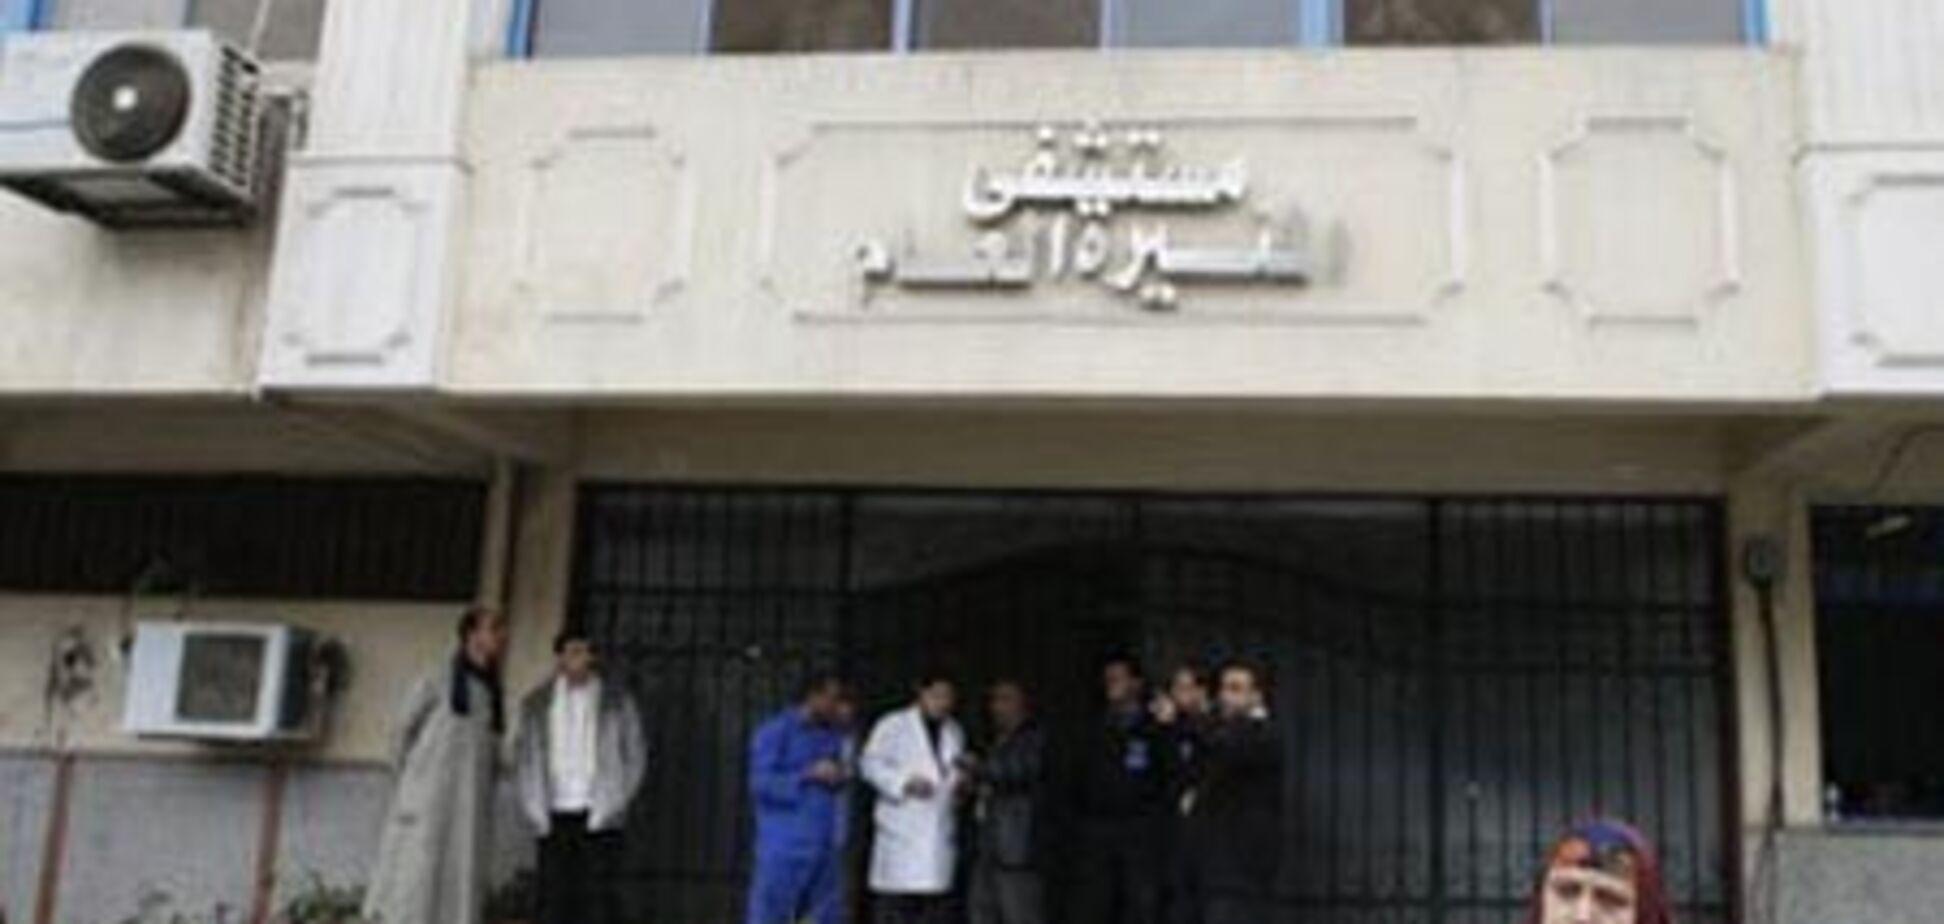 Двоє єгиптян спробували спалити себе біля будівель уряду